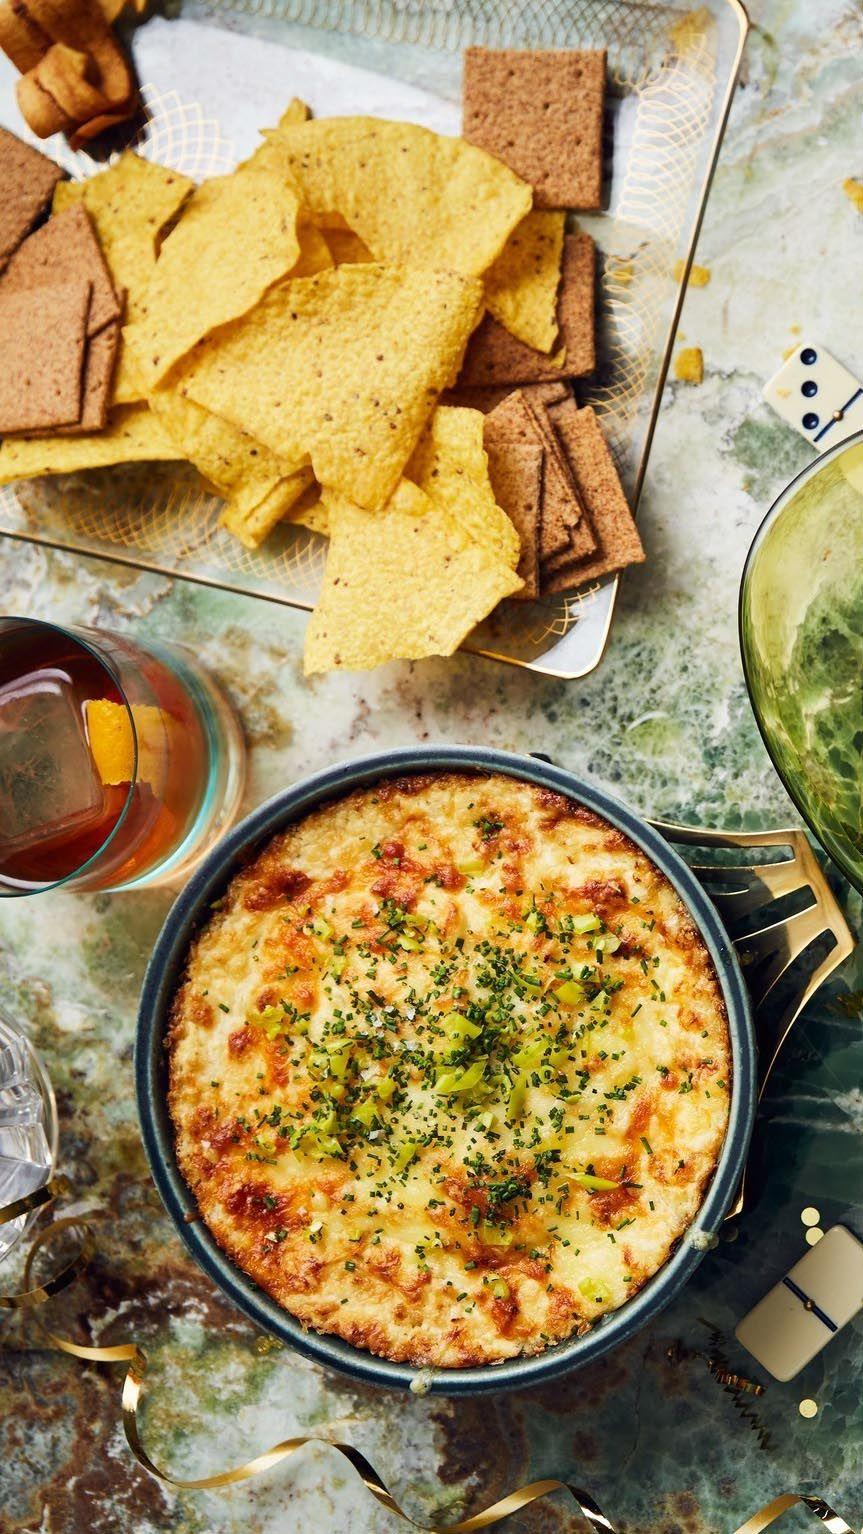 95 Vegetarian Super Bowl Recipes That'll Make You